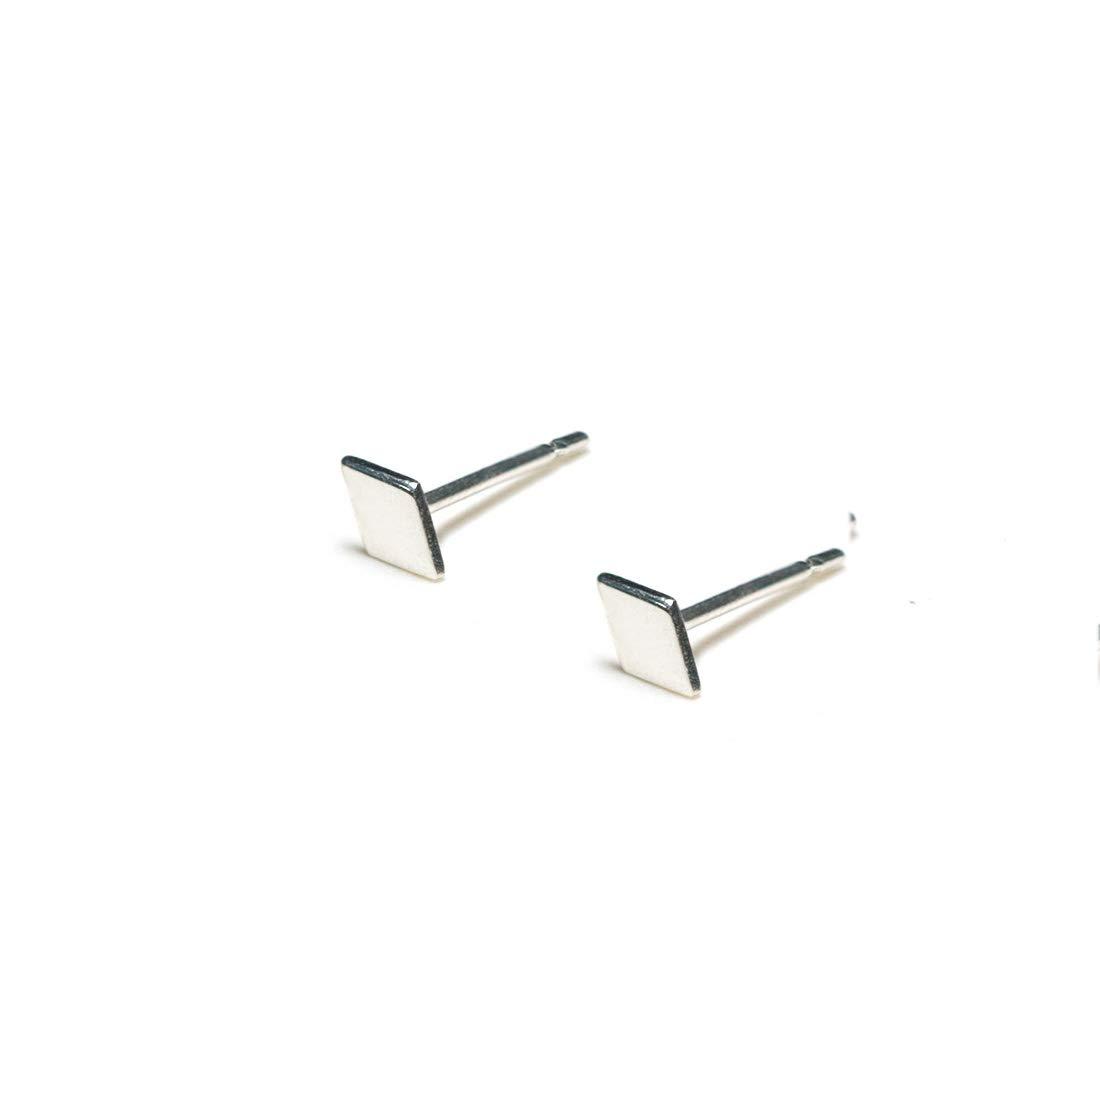 925 Sterling Silver Diamond+Diamond Earrings Tiny Stud Earrings Minimalist Earrings